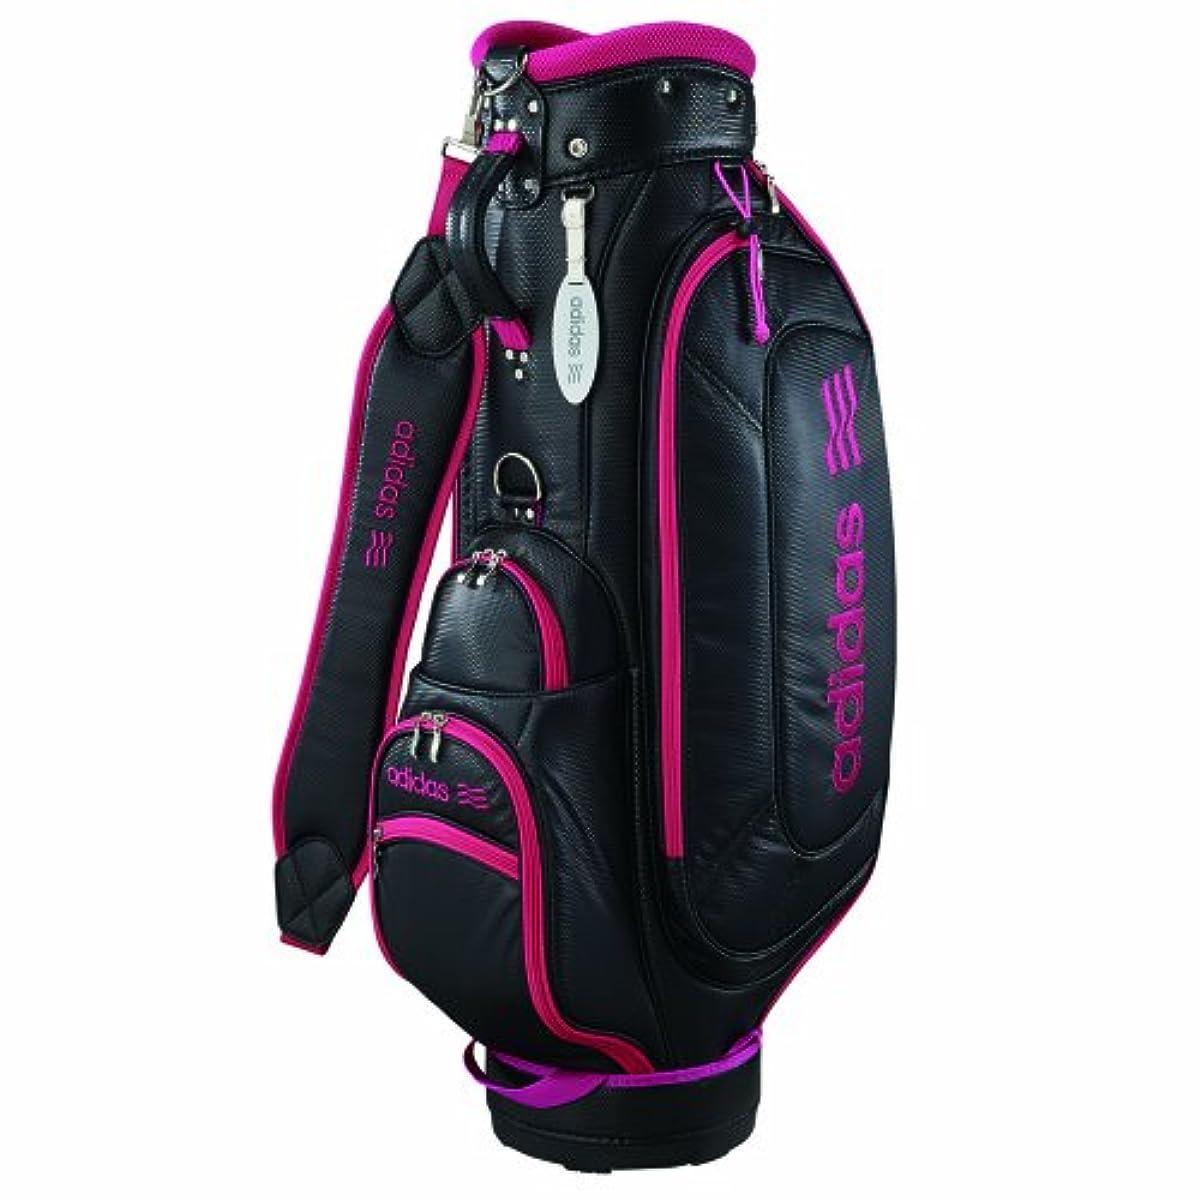 [해외] adidas Golf(아디다스 골프) W-STREET 캐데이백2 QR684 블랙 8.5퍼터입